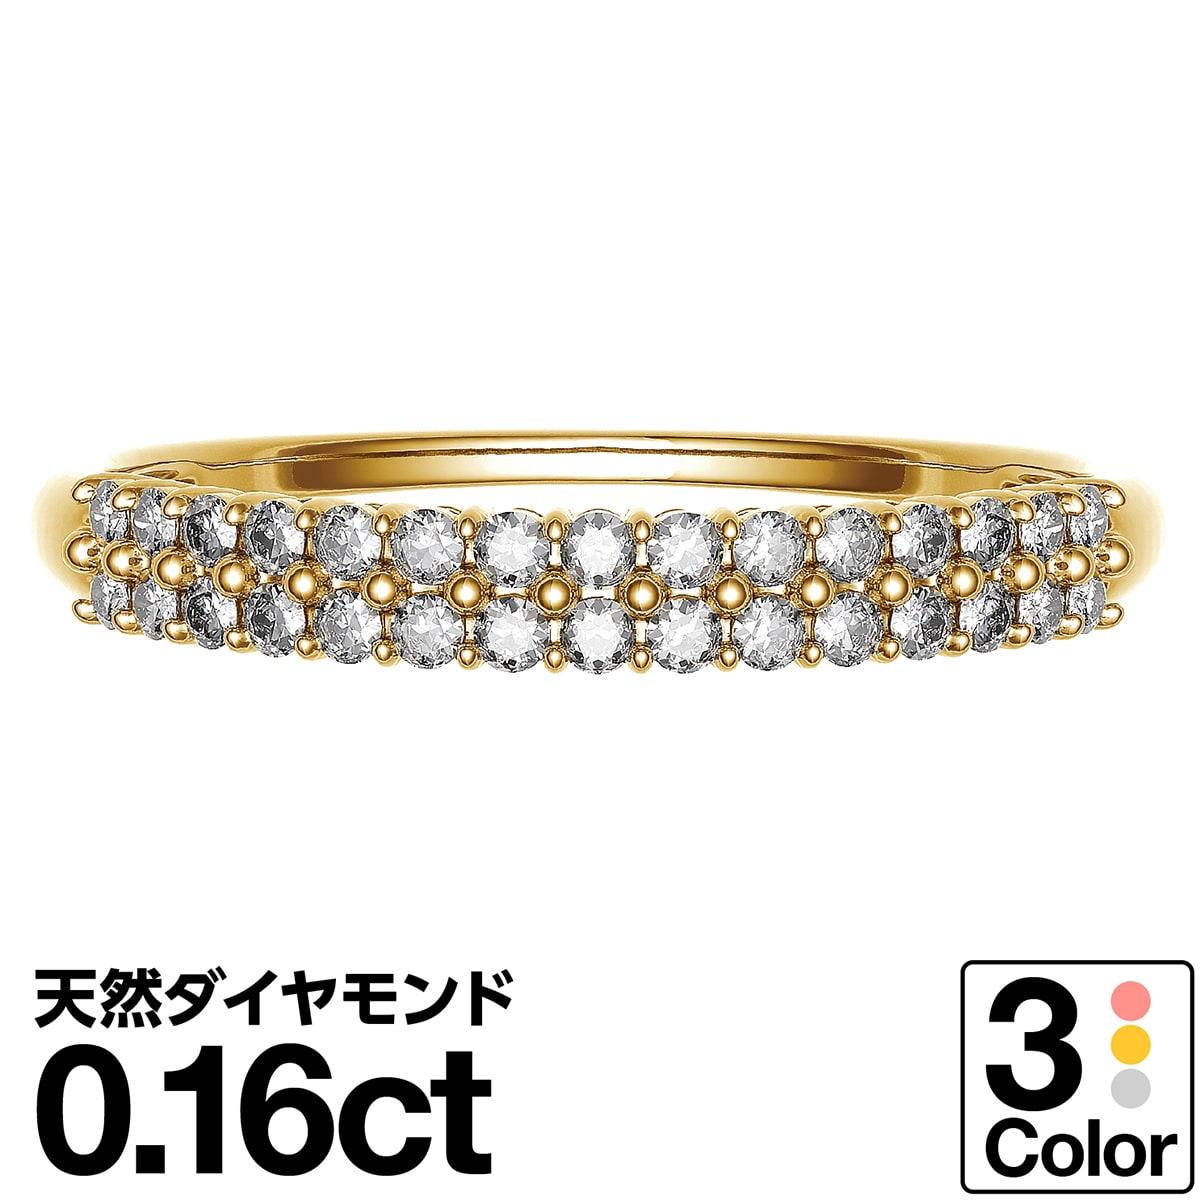 パヴェ 天然ダイヤモンド リング k18 イエローゴールド/ホワイトゴールド/ピンクゴールド 品質保証書 金属アレルギー 日本製